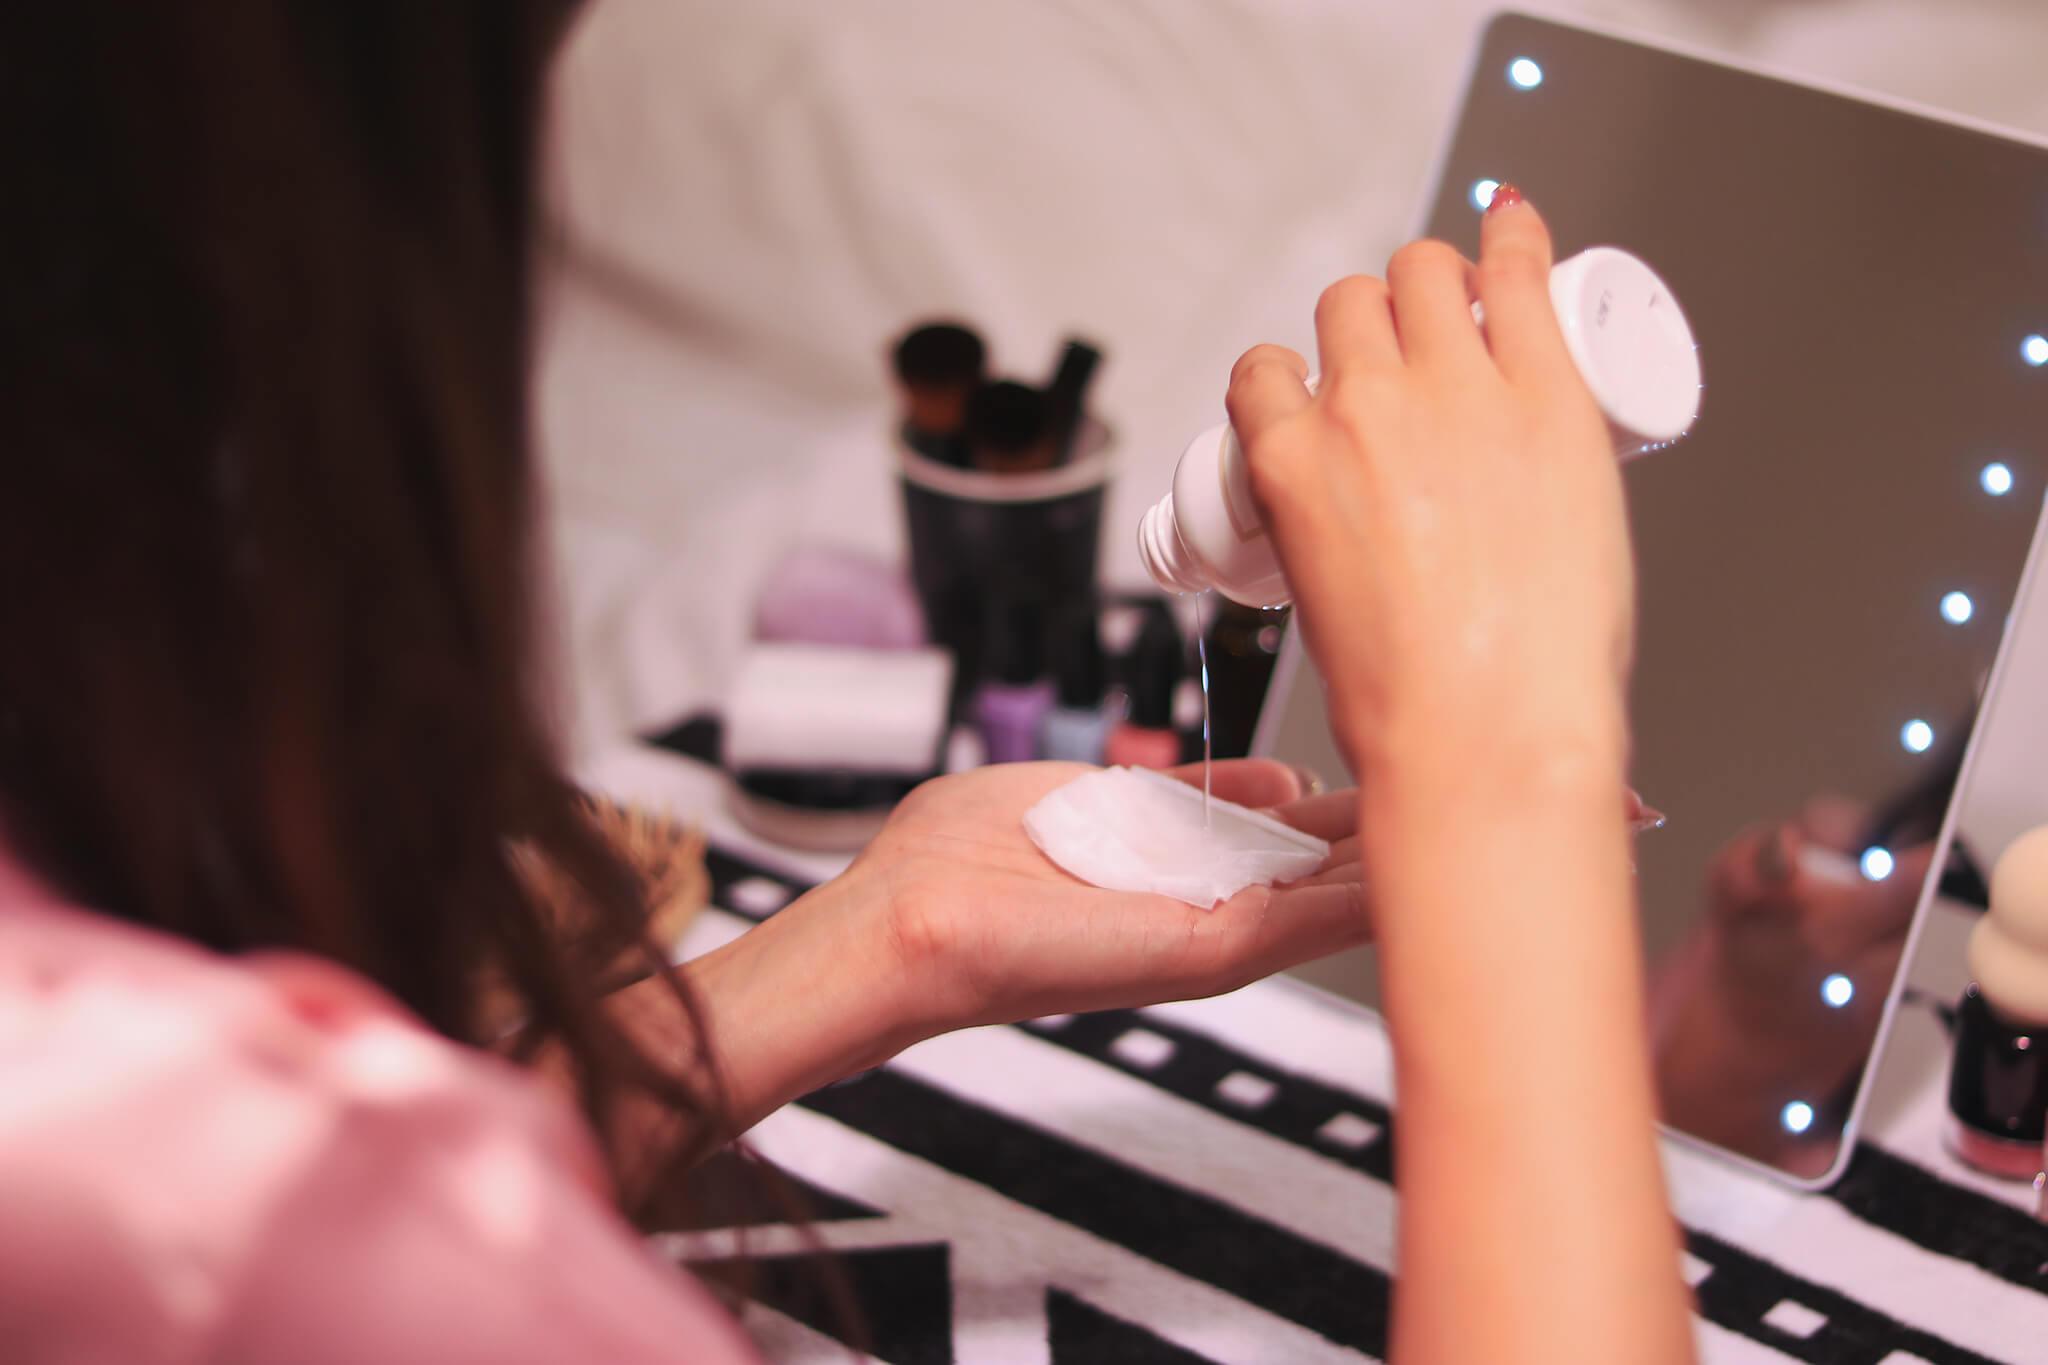 色白肌になりたい方の実践法!「美白化粧品おすすめの選び方」編